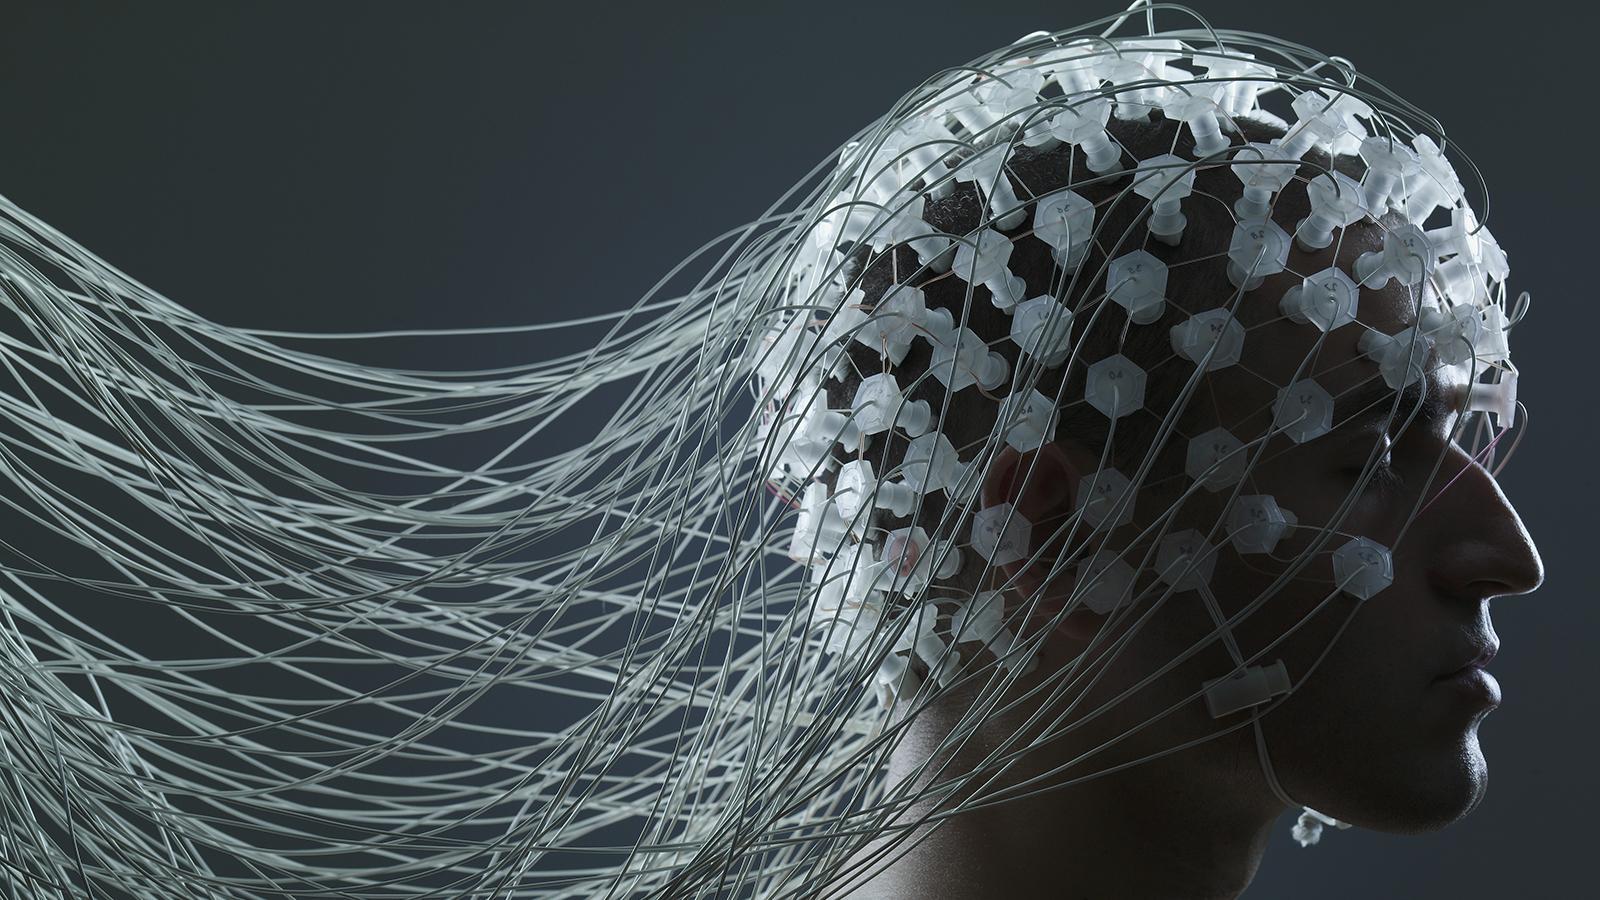 Ученые смогли прочесть мысли человека — ограниченный набор, но с очень высокой точностью